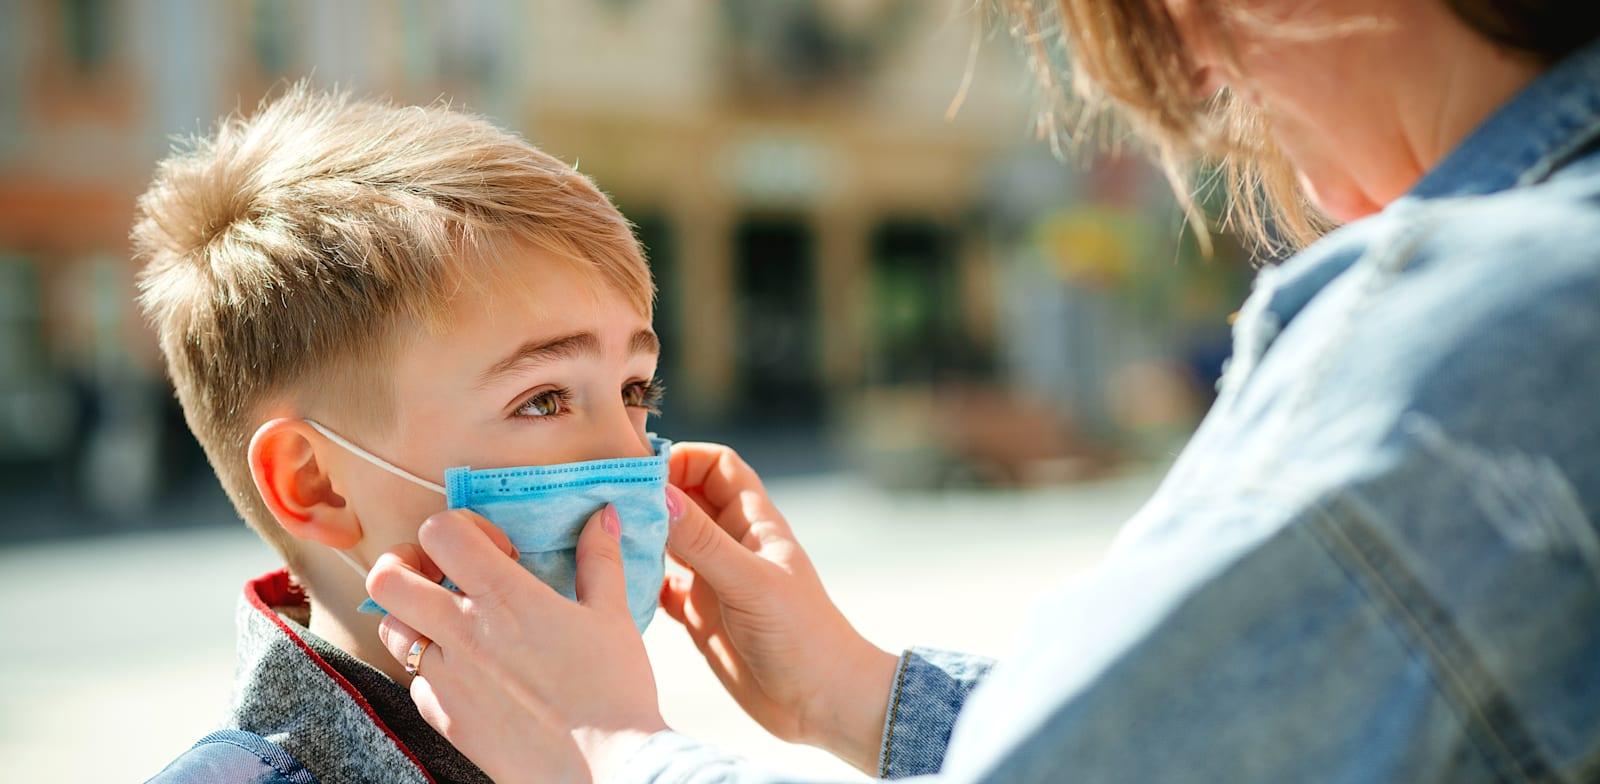 ילד עם מסכה / אילוסטרציה: Shutterstock